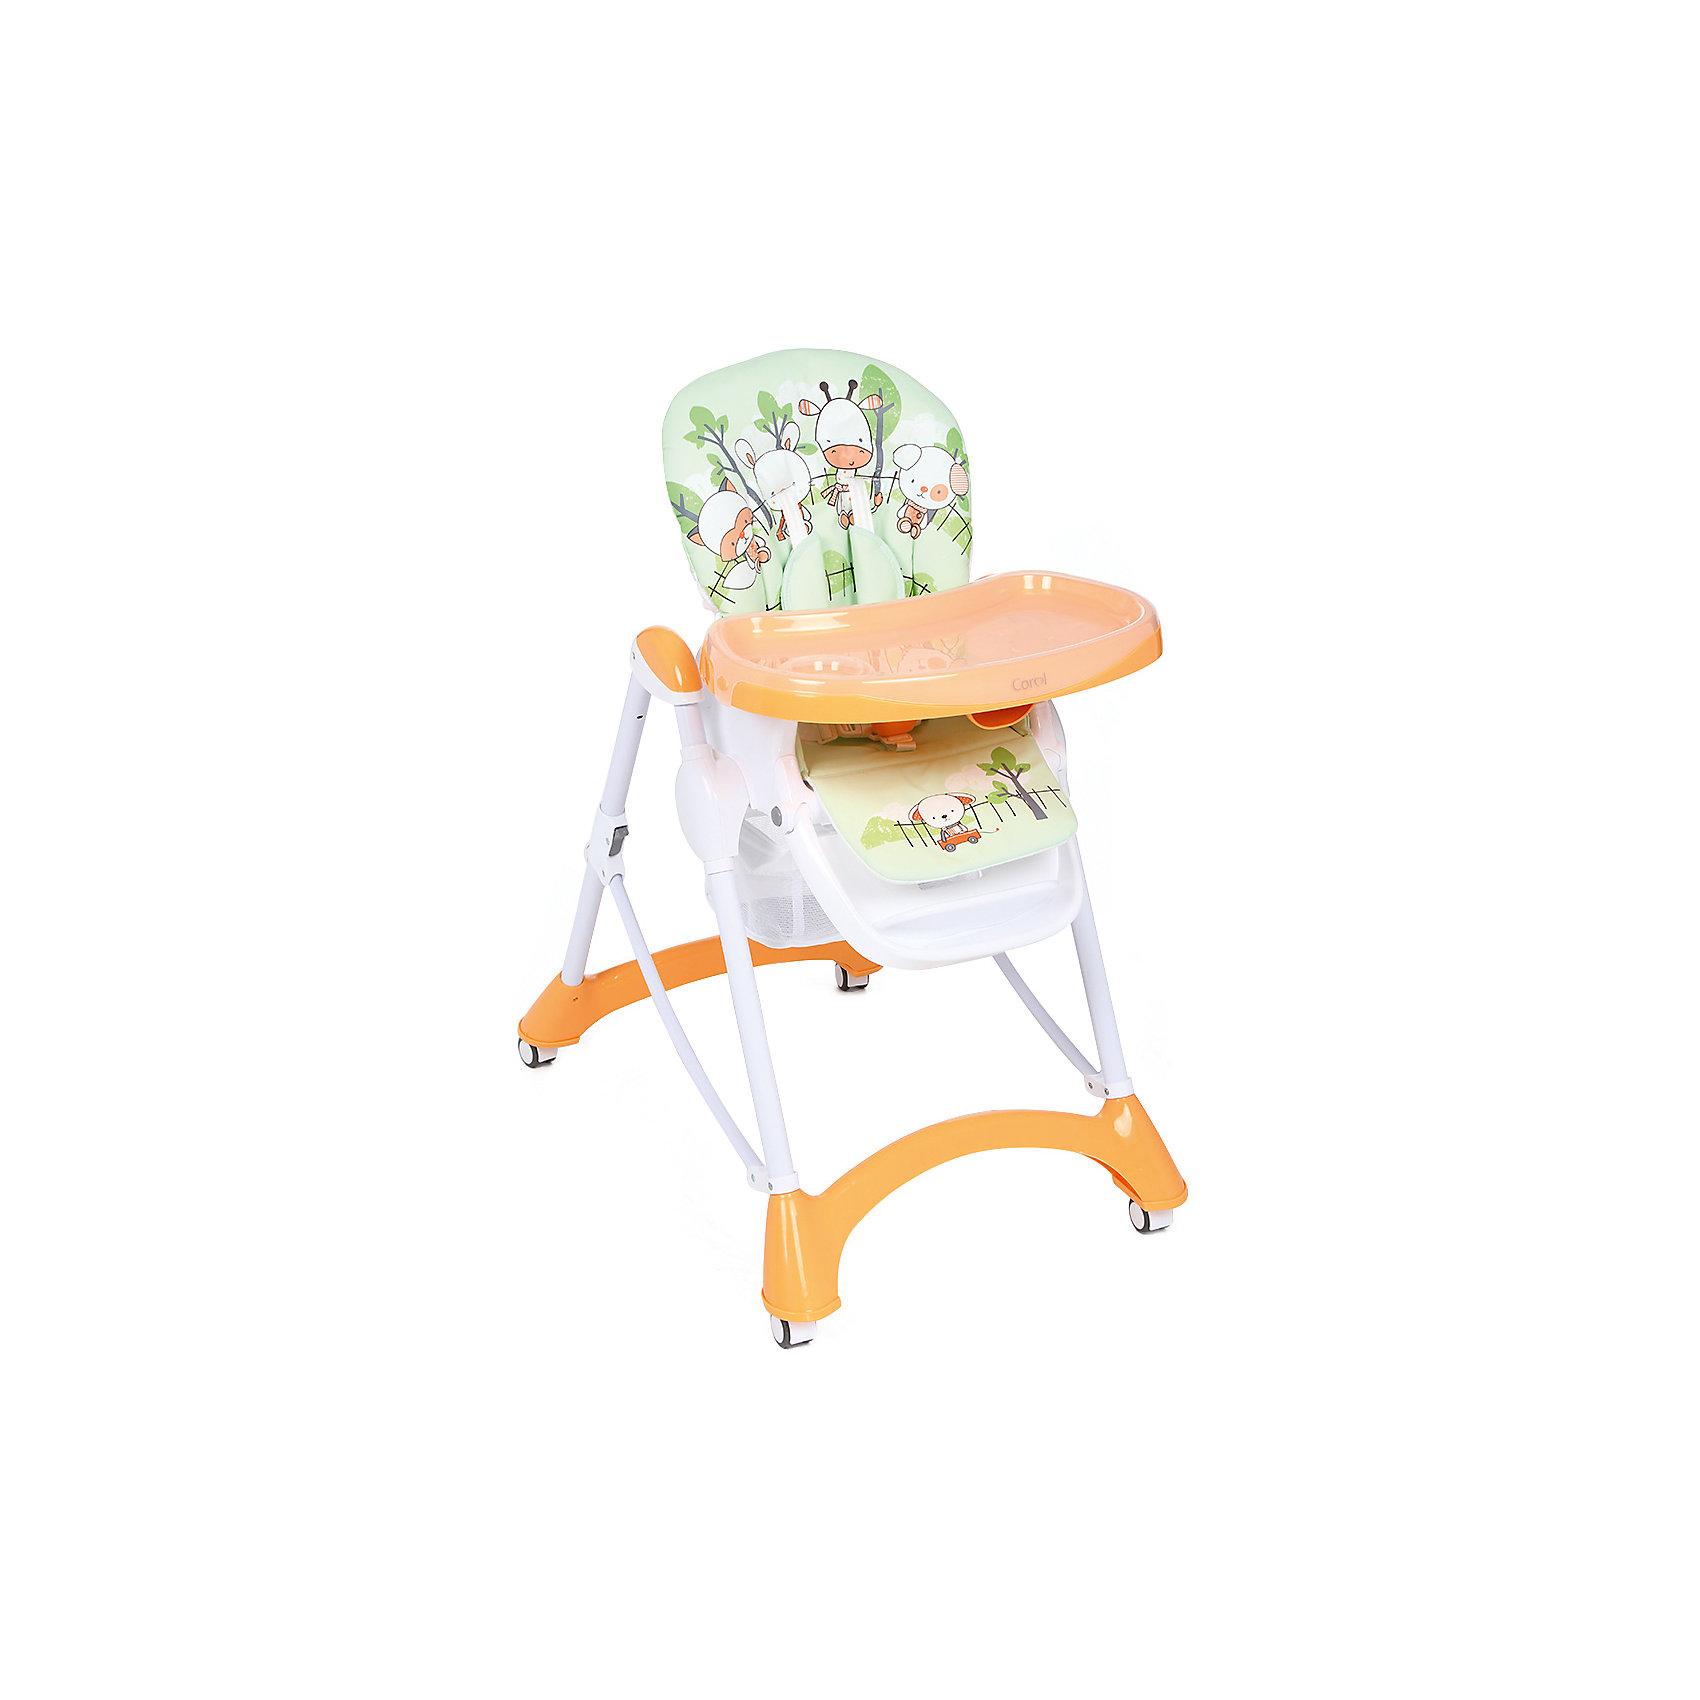 Стульчик для кормления, Corol, оранжевый/салатовый ЗВЕРЯТАПрочный и удобный стульчик для кормления позволит посадить ребенка, не беспокоясь при этом о его безопасности. Яркий цвет изделия привлечет внимание малыша. Эта модель очень удобна: угол наклона спинки регулируется, высота - тоже, предусмотрены два угла наклона подножки. <br>Двойной поднос может крепиться на задних ножках. Для удобства перемещения есть колесики с фиксаторами. Сиденье и спинка -  мягкие, конструкция  - очень устойчивая. Изделие произведено из качественных и безопасных для малышей материалов, оно соответствуют всем современным требованиям безопасности.<br> <br>Дополнительная информация:<br><br>цвет: оранжевый, салатовый;<br>принт с овечками;<br>материал: металл;<br>столик съемный, двойной;<br>вес: 9 кг;<br>регулировка по высоте: 7 положений;<br>количество положений спинки: 3;<br>пятиточечные ремни безопасности;<br>колеса;<br>возраст: от 6 до 36 месяцев;<br>размеры стола: 630х1090х900 мм.<br><br>Стульчик для кормления, оранжевый/салатовый ЗВЕРЯТА от компании Corol можно купить в нашем магазине.<br><br>Ширина мм: 1090<br>Глубина мм: 490<br>Высота мм: 550<br>Вес г: 8450<br>Возраст от месяцев: 6<br>Возраст до месяцев: 36<br>Пол: Унисекс<br>Возраст: Детский<br>SKU: 4778479